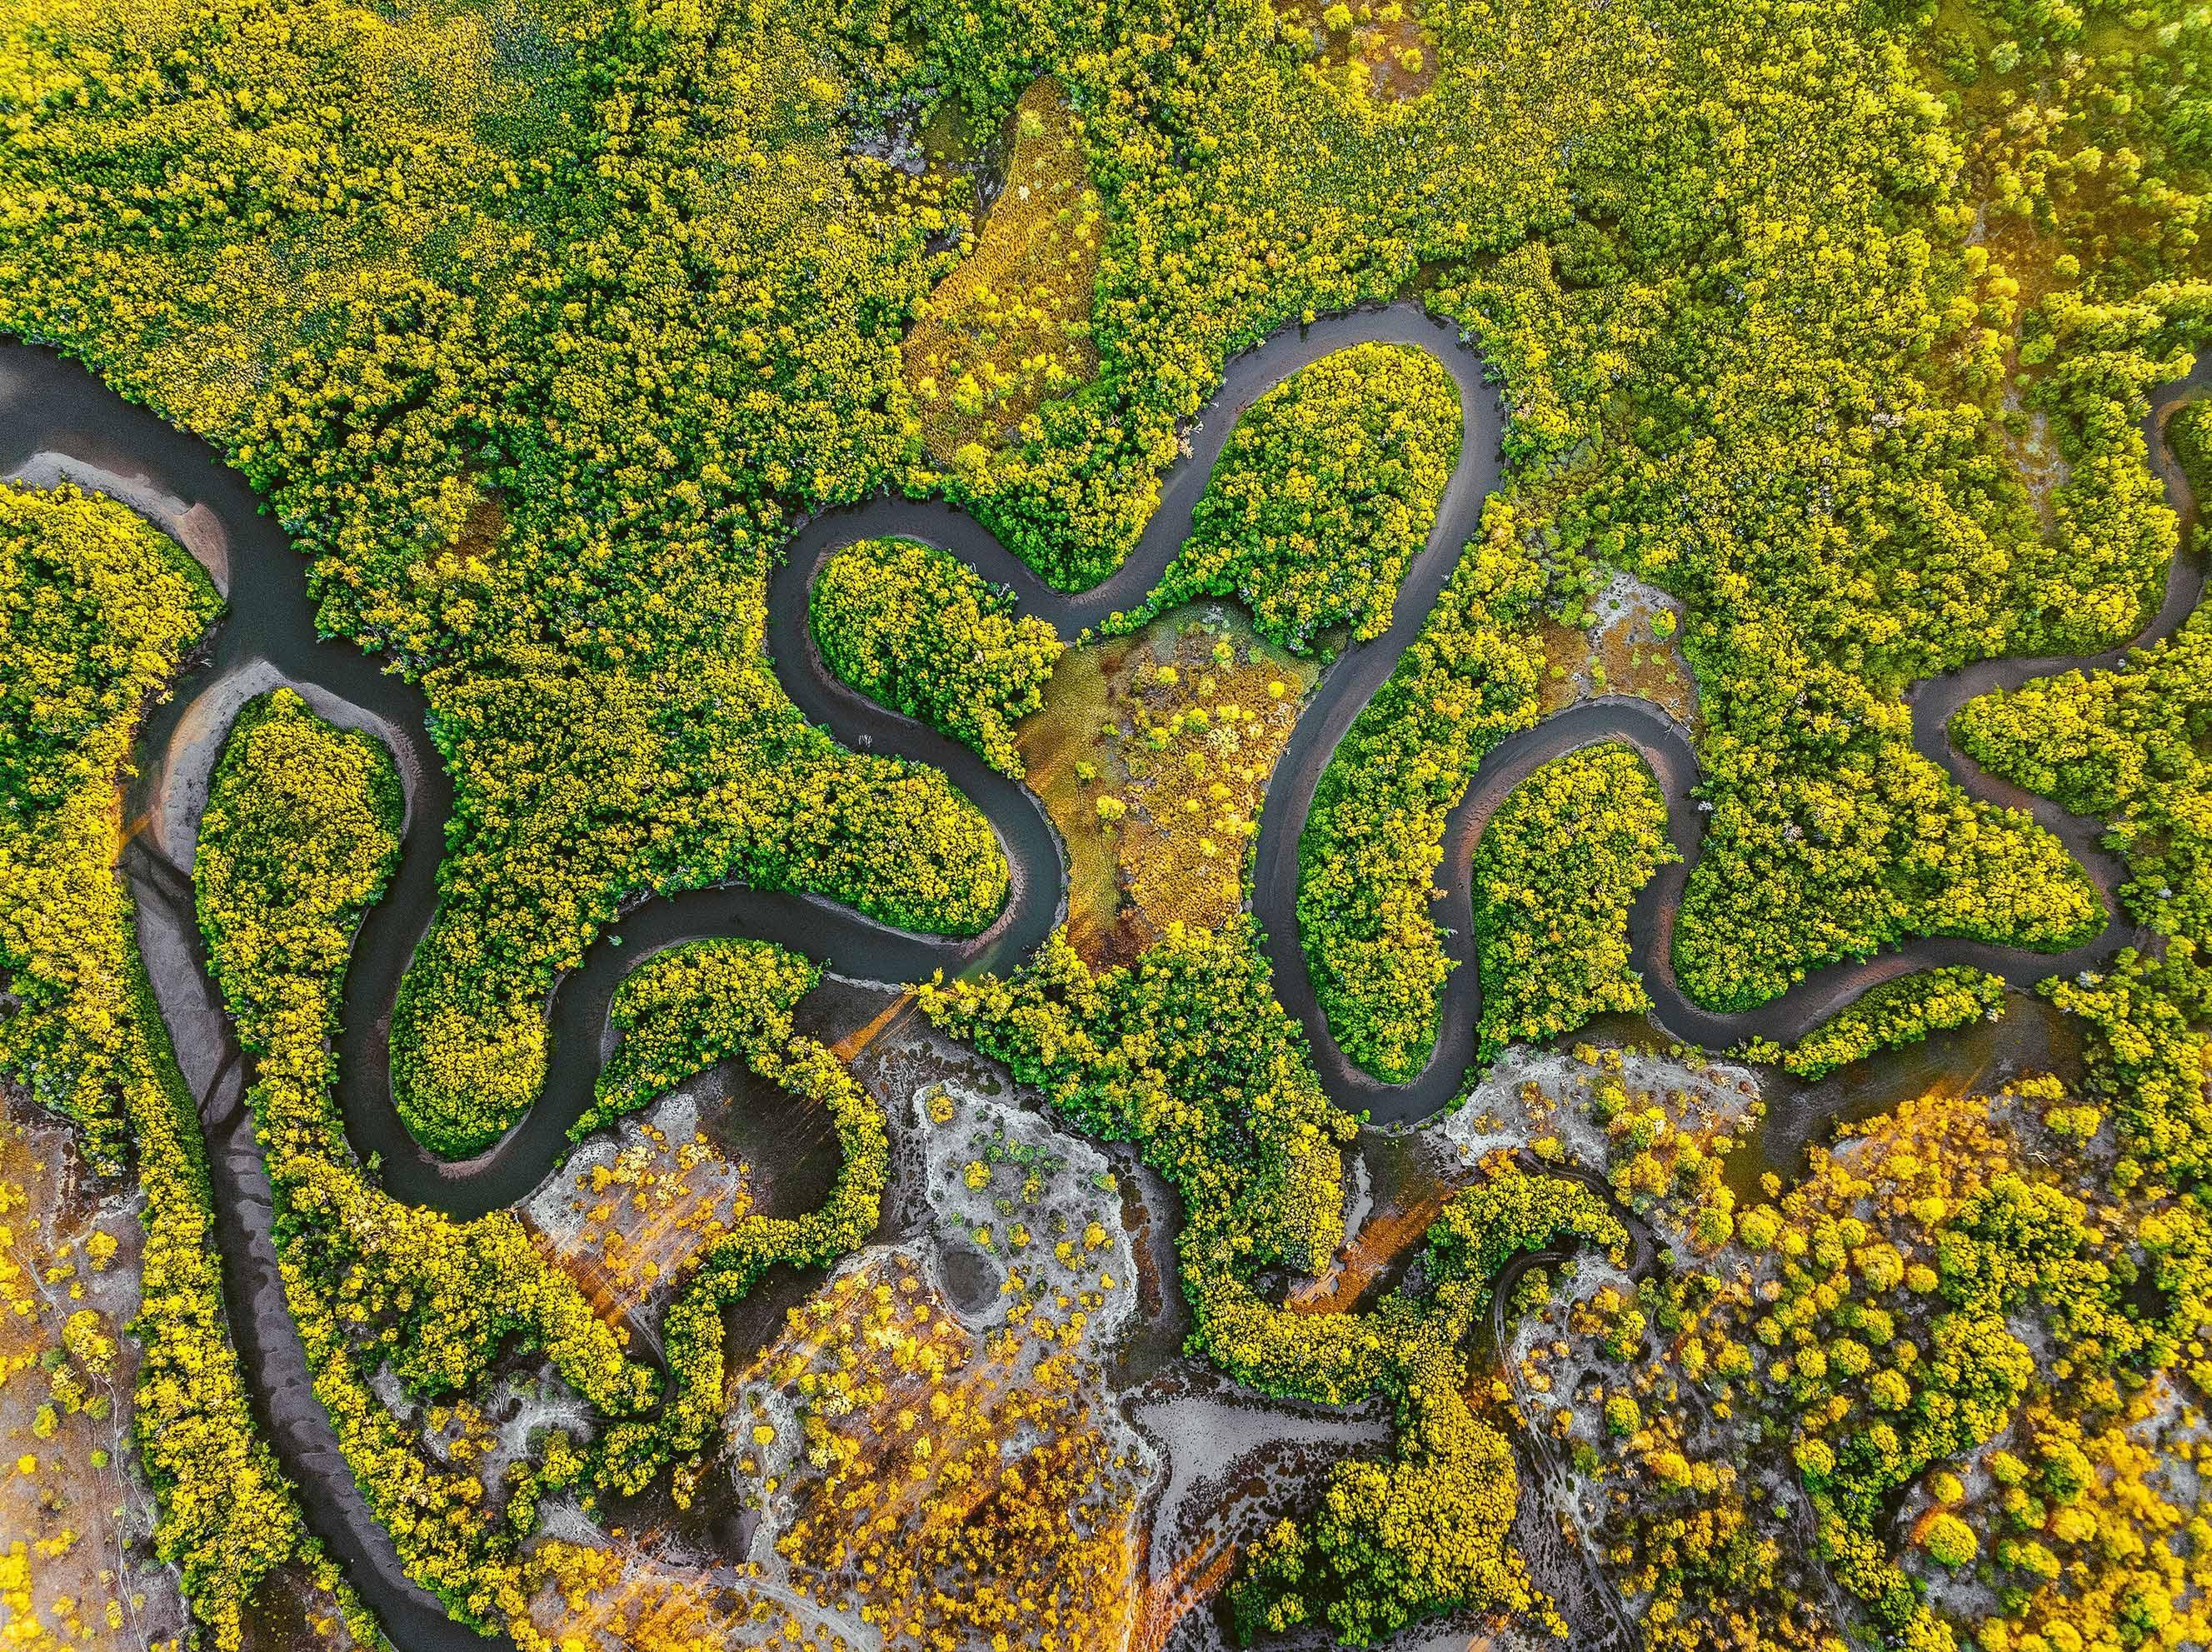 Alligator Creek, Queensland